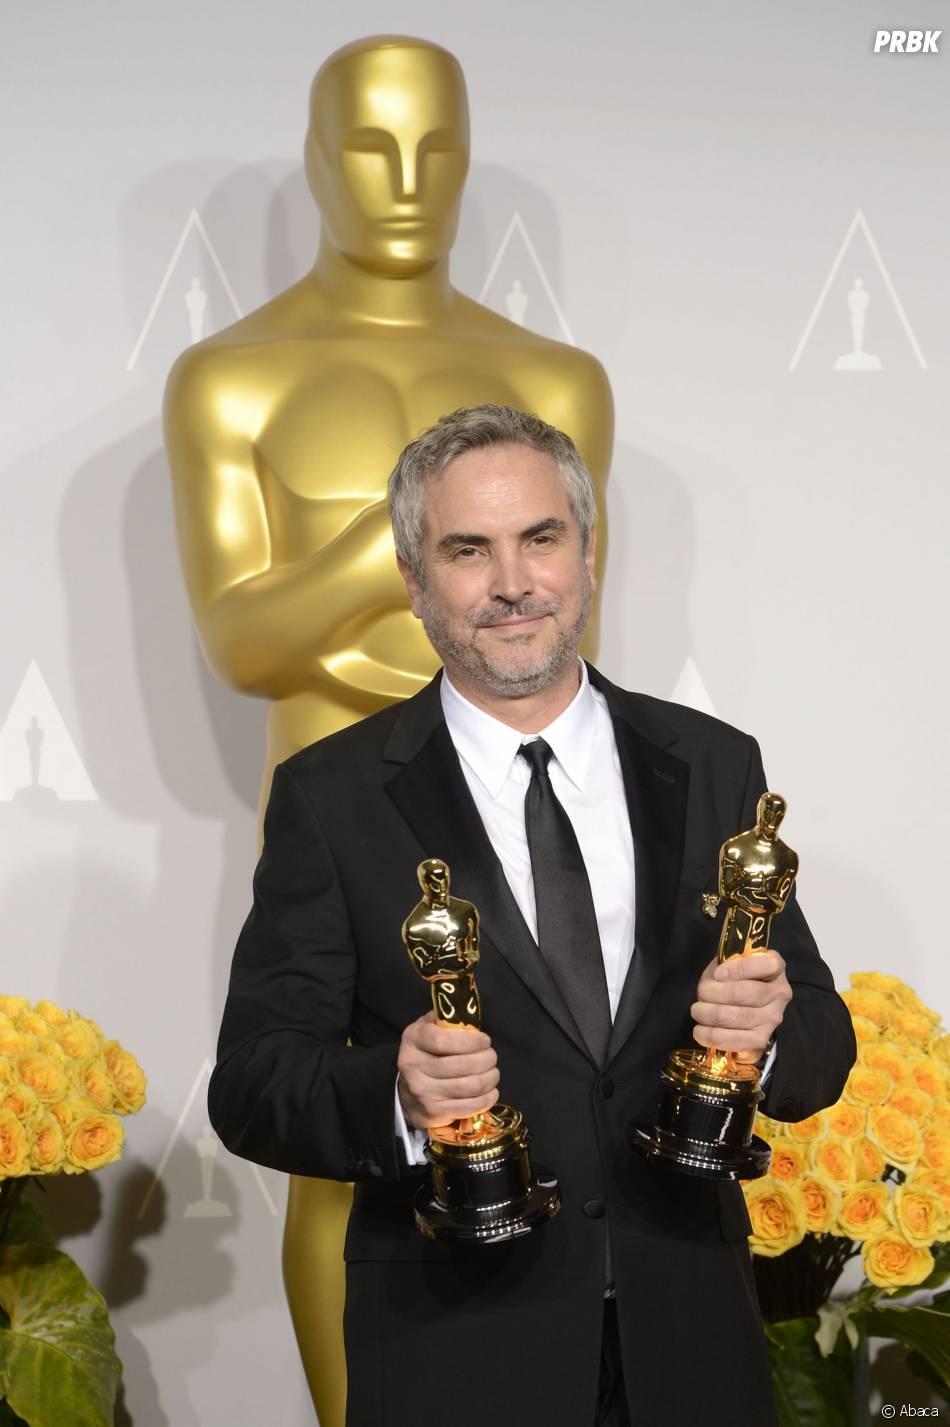 Alfonso Cuaron gagnant avec Gravity  aux Oscars 2014 le 2 mars à Los Angeles